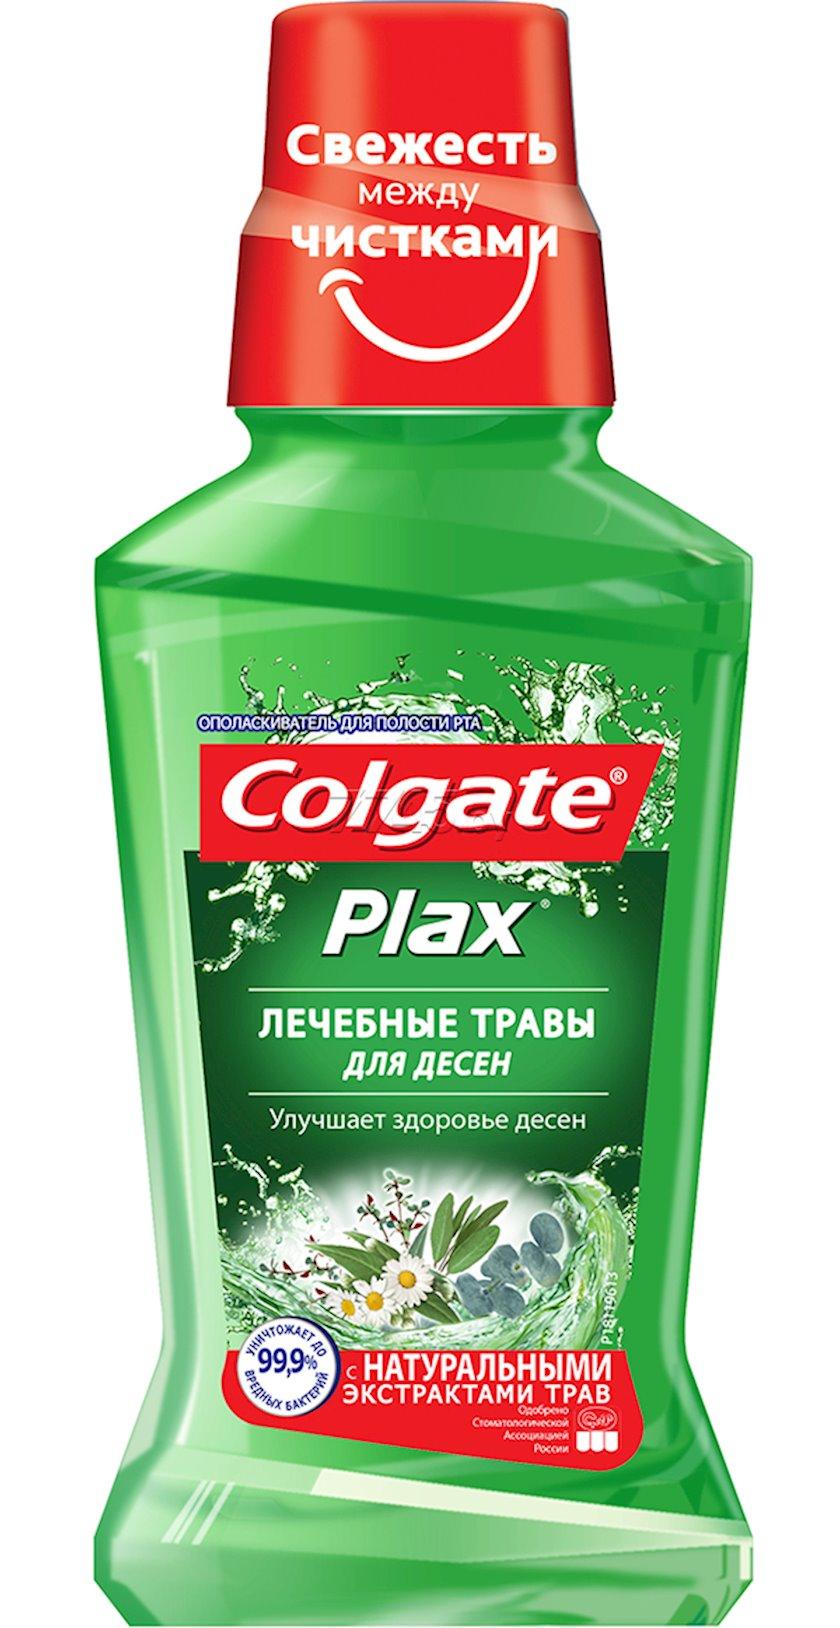 Ağız boşluğu yaxalayıcısı Colgate Plax Müalicəvi otlar, 250 ml